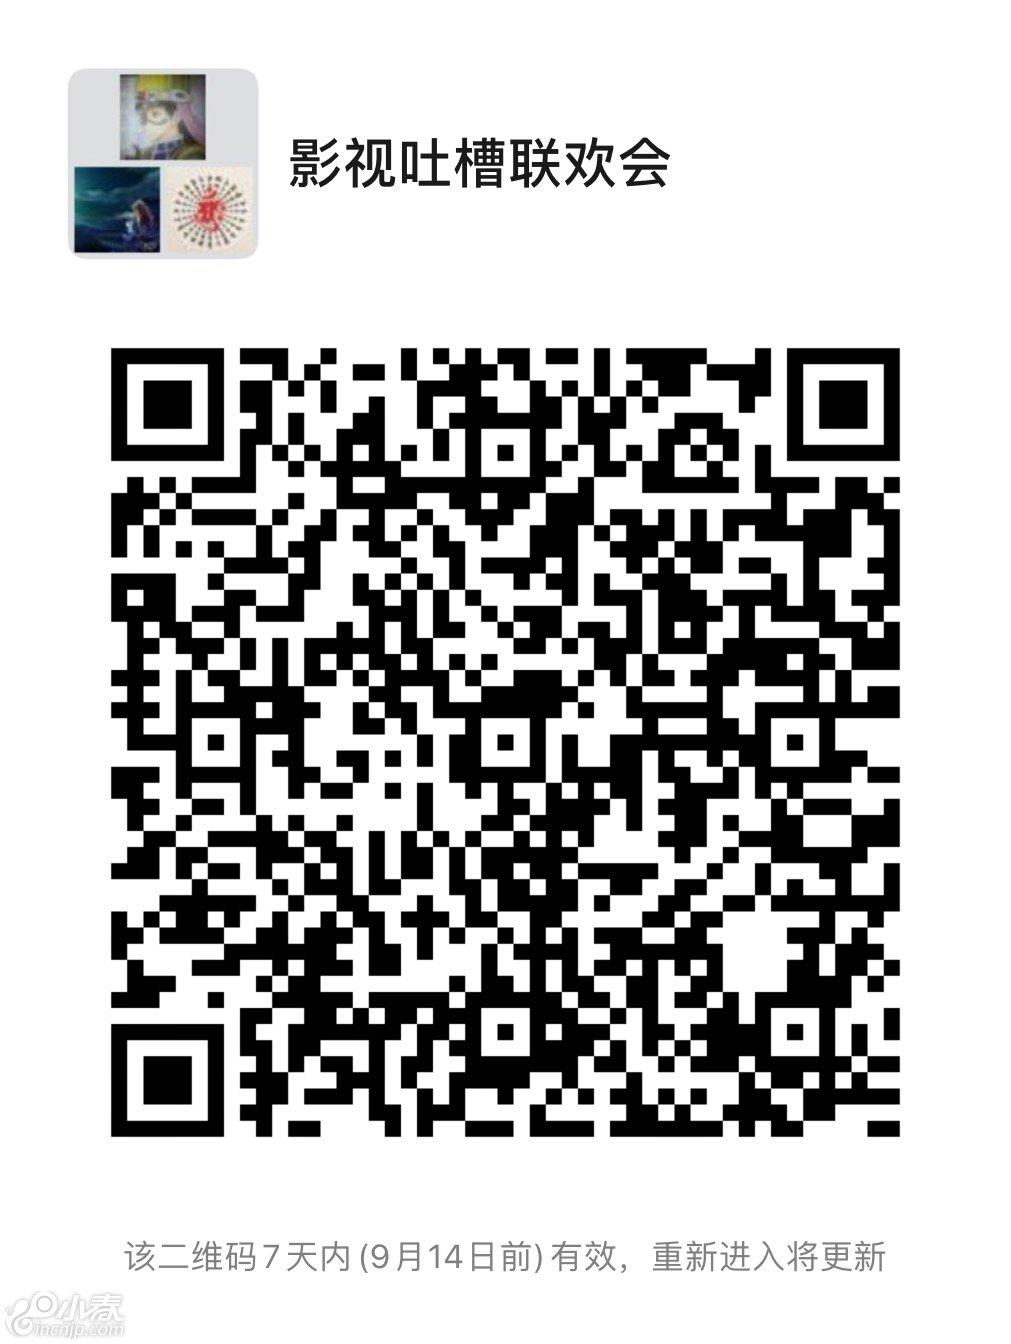 CC6AB3FA-73EB-41B0-AC5D-3B6289D1CEC2.jpeg